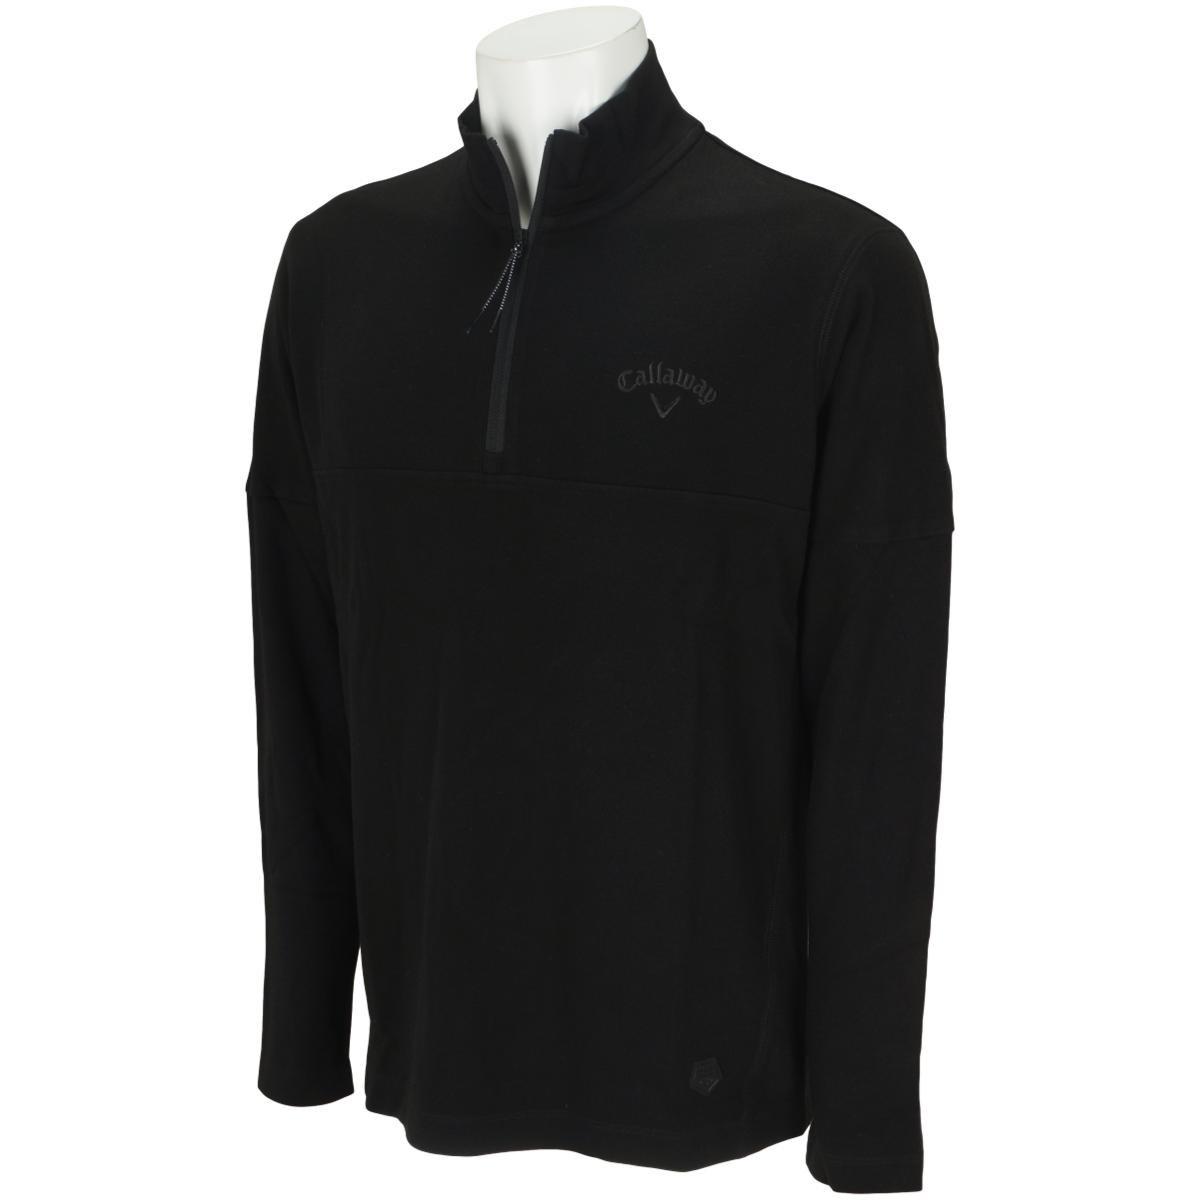 キャロウェイゴルフ Callaway Golf ハーフジップスムースボックス長袖シャツ M ブラック 010